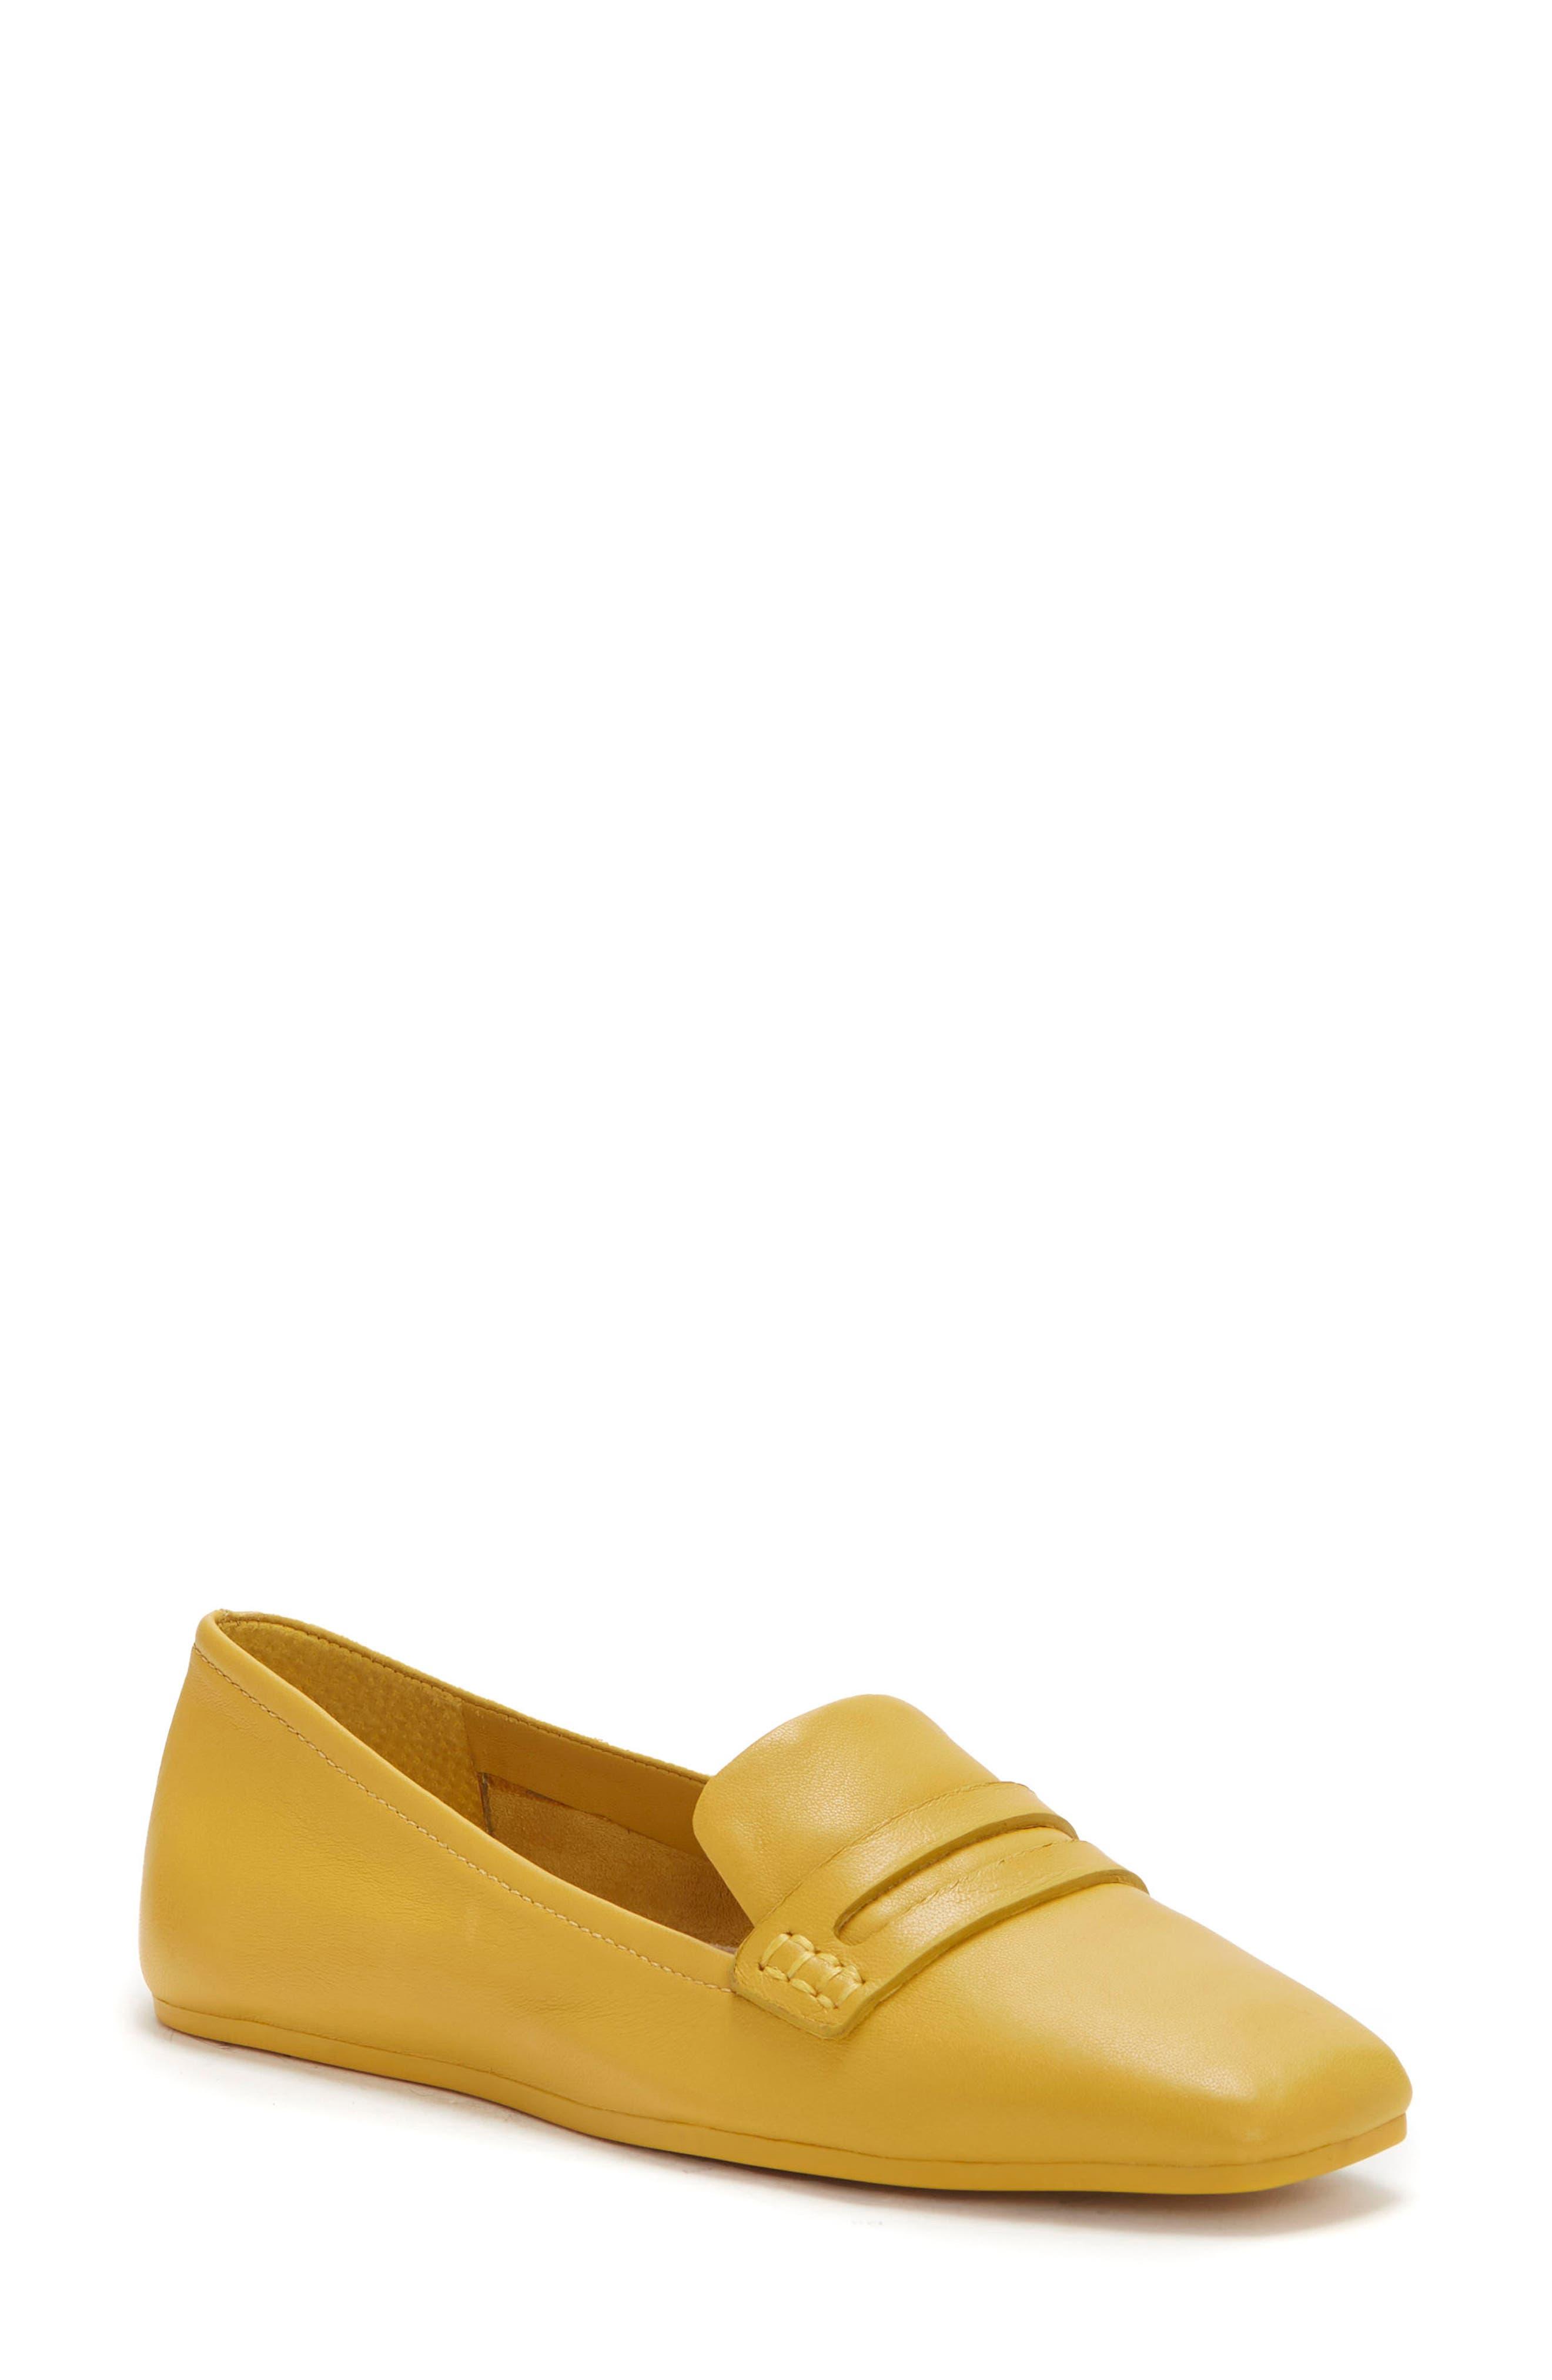 Alamea Leather Loafer